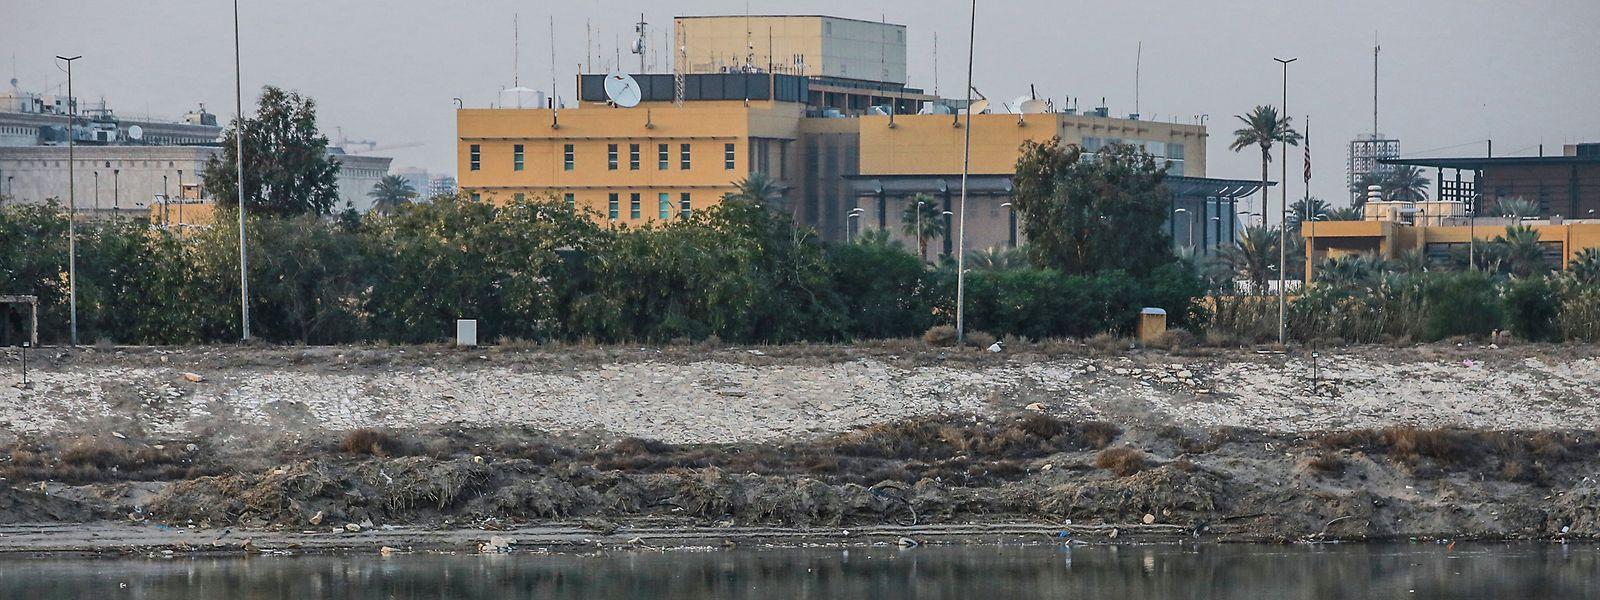 Die US-Botschaft in Bagdad.